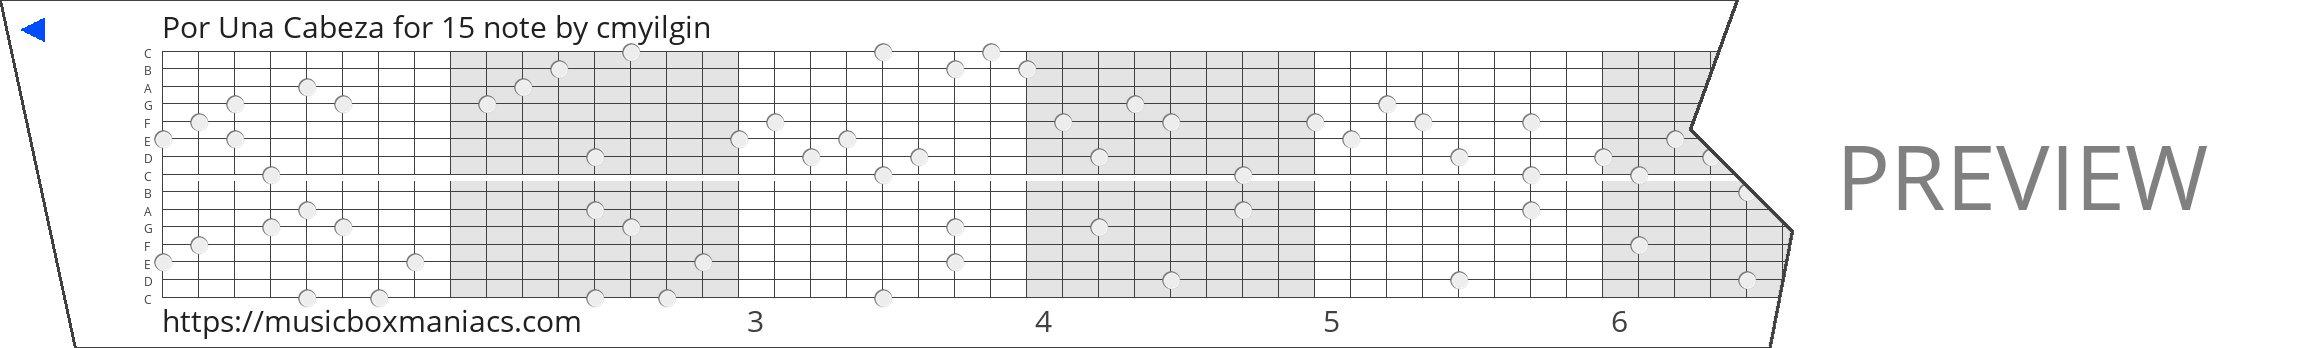 Por Una Cabeza for 15 note 15 note music box paper strip